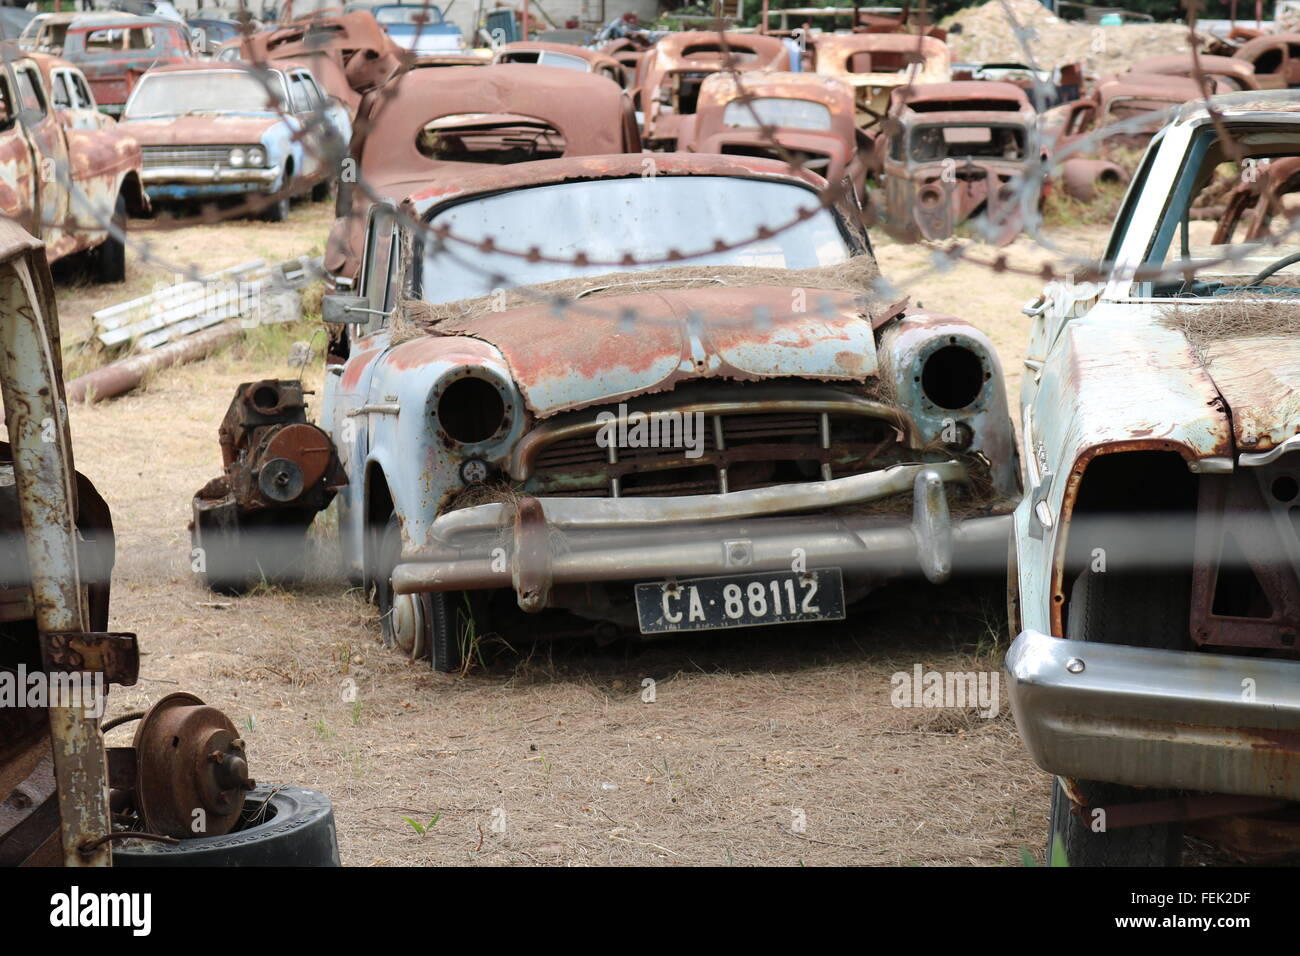 Car Parts Africa Stock Photos & Car Parts Africa Stock Images - Alamy